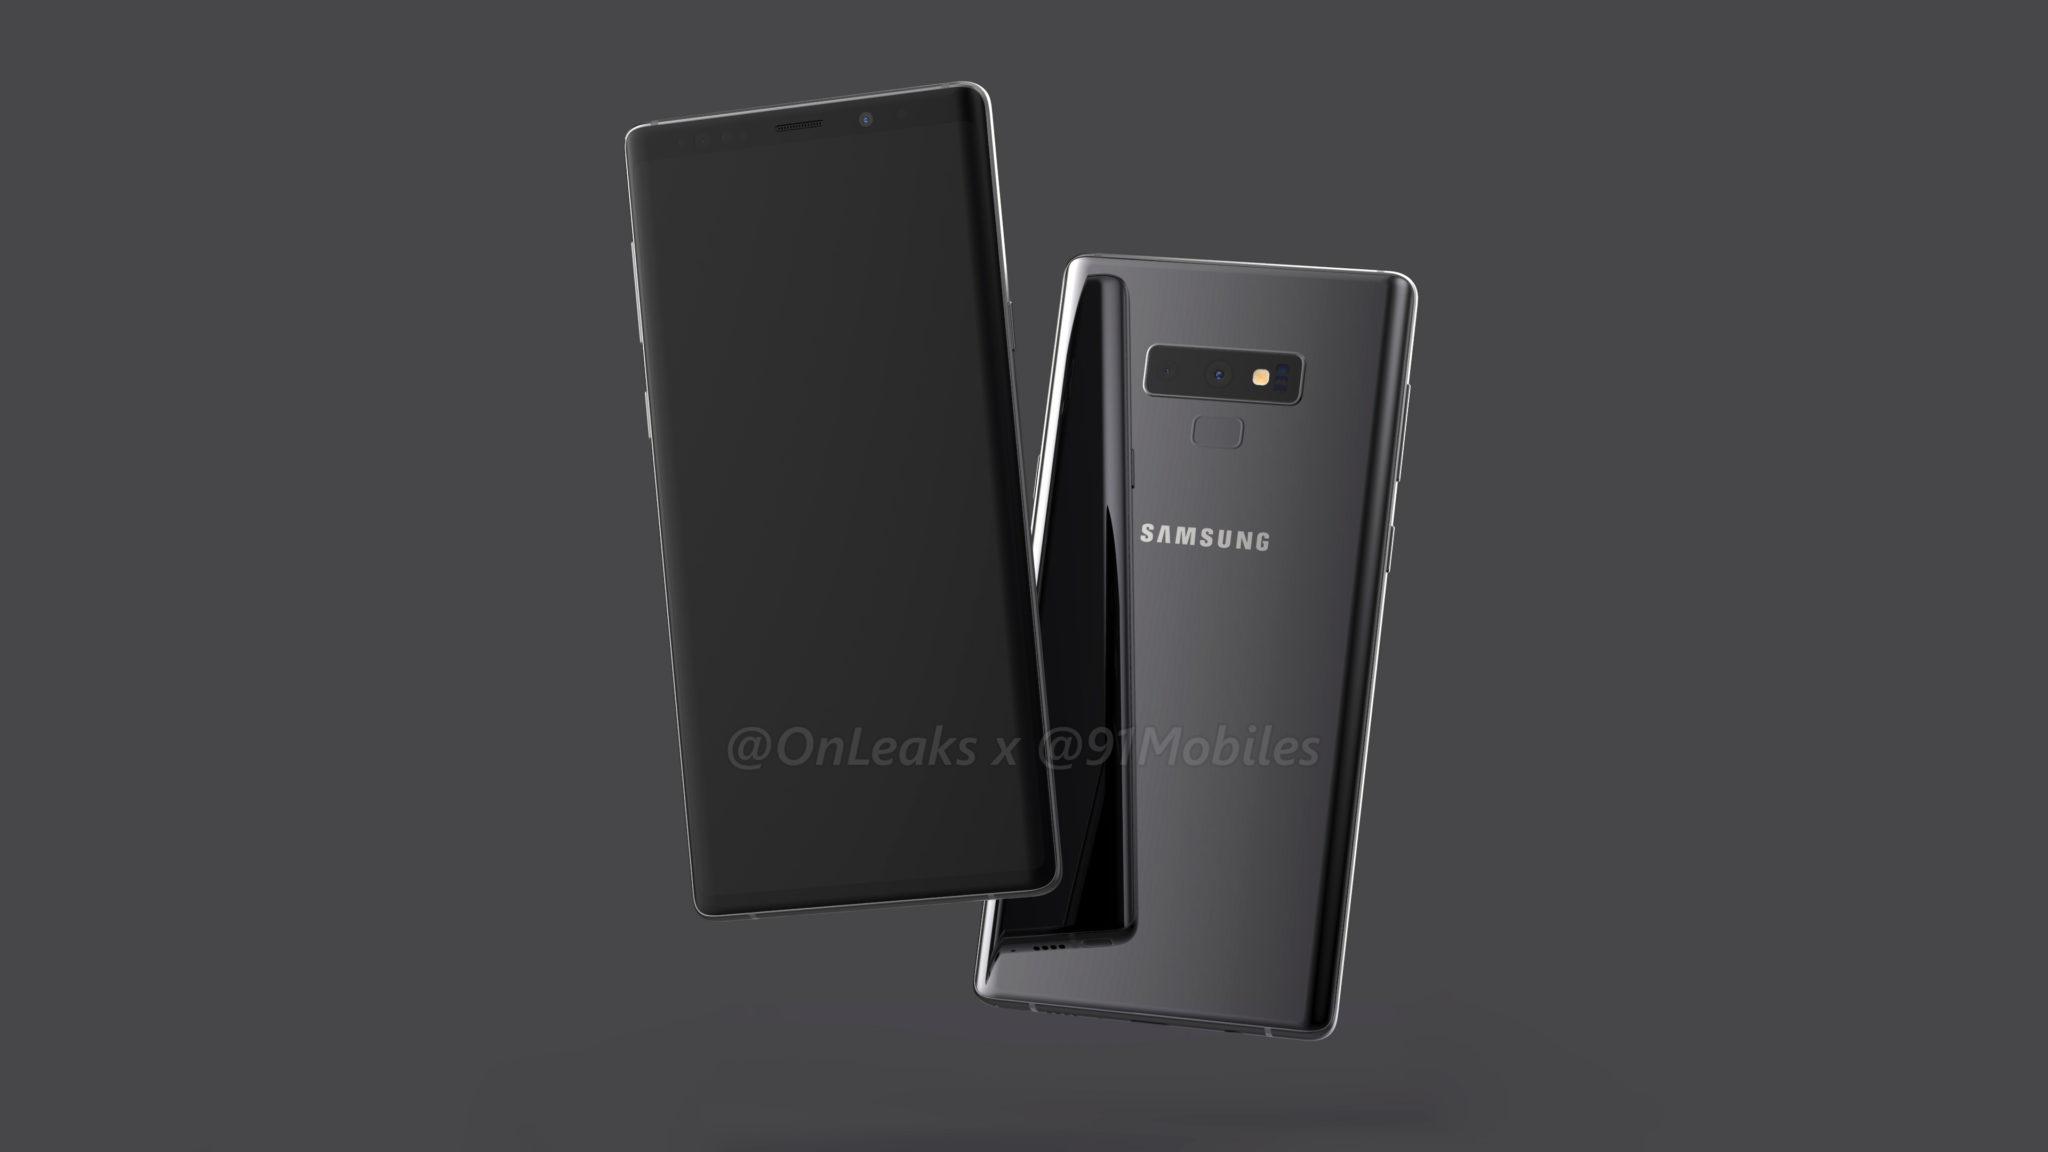 Samsung Galaxy Note 9 Zahlreiche Render Bilder Eine Render Video